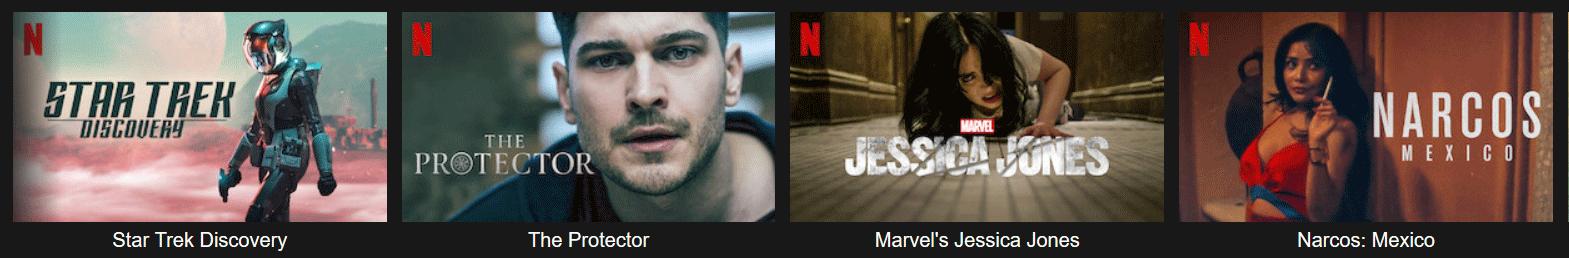 Exemple de séries à succès disponibles sur Netflix